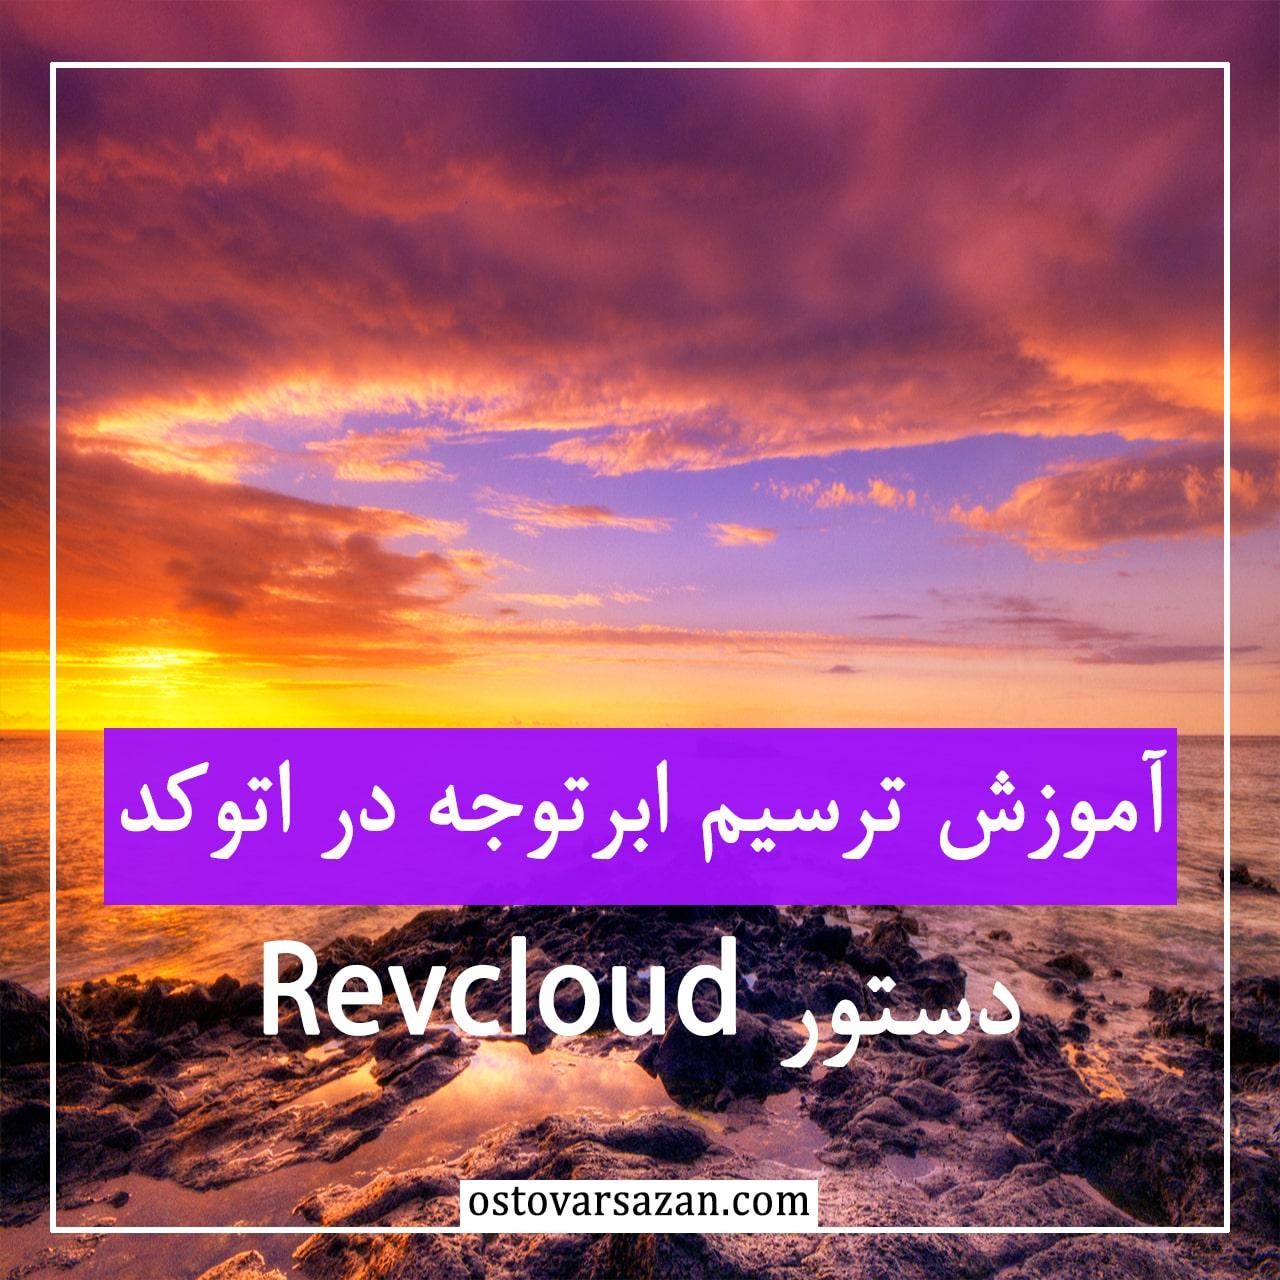 آموزش دستور revcloud ostovarsazan.com در اتوکد: